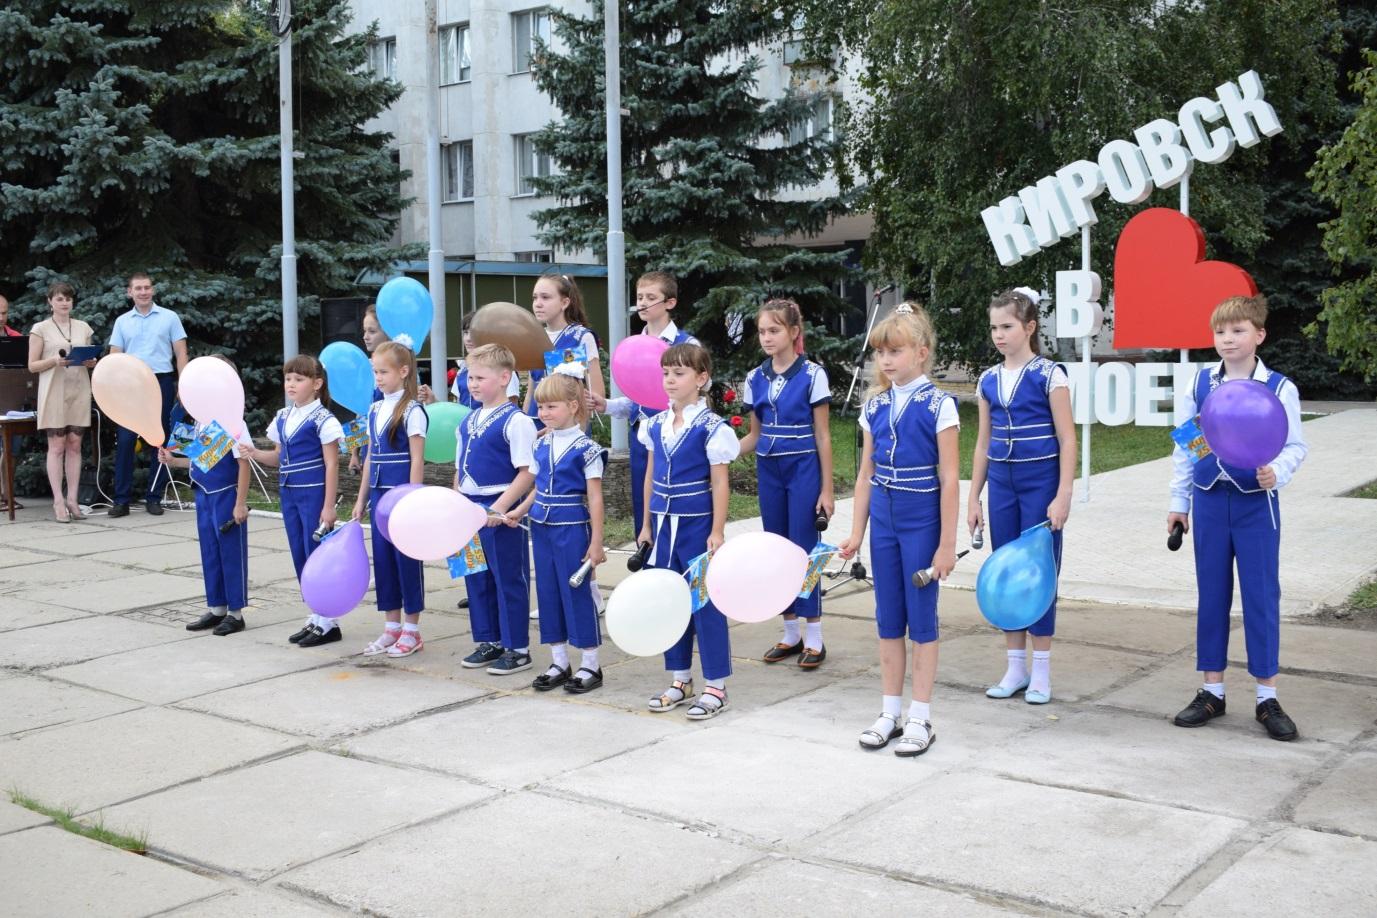 Ко Дню города в Кировске открыли арт-объект 1